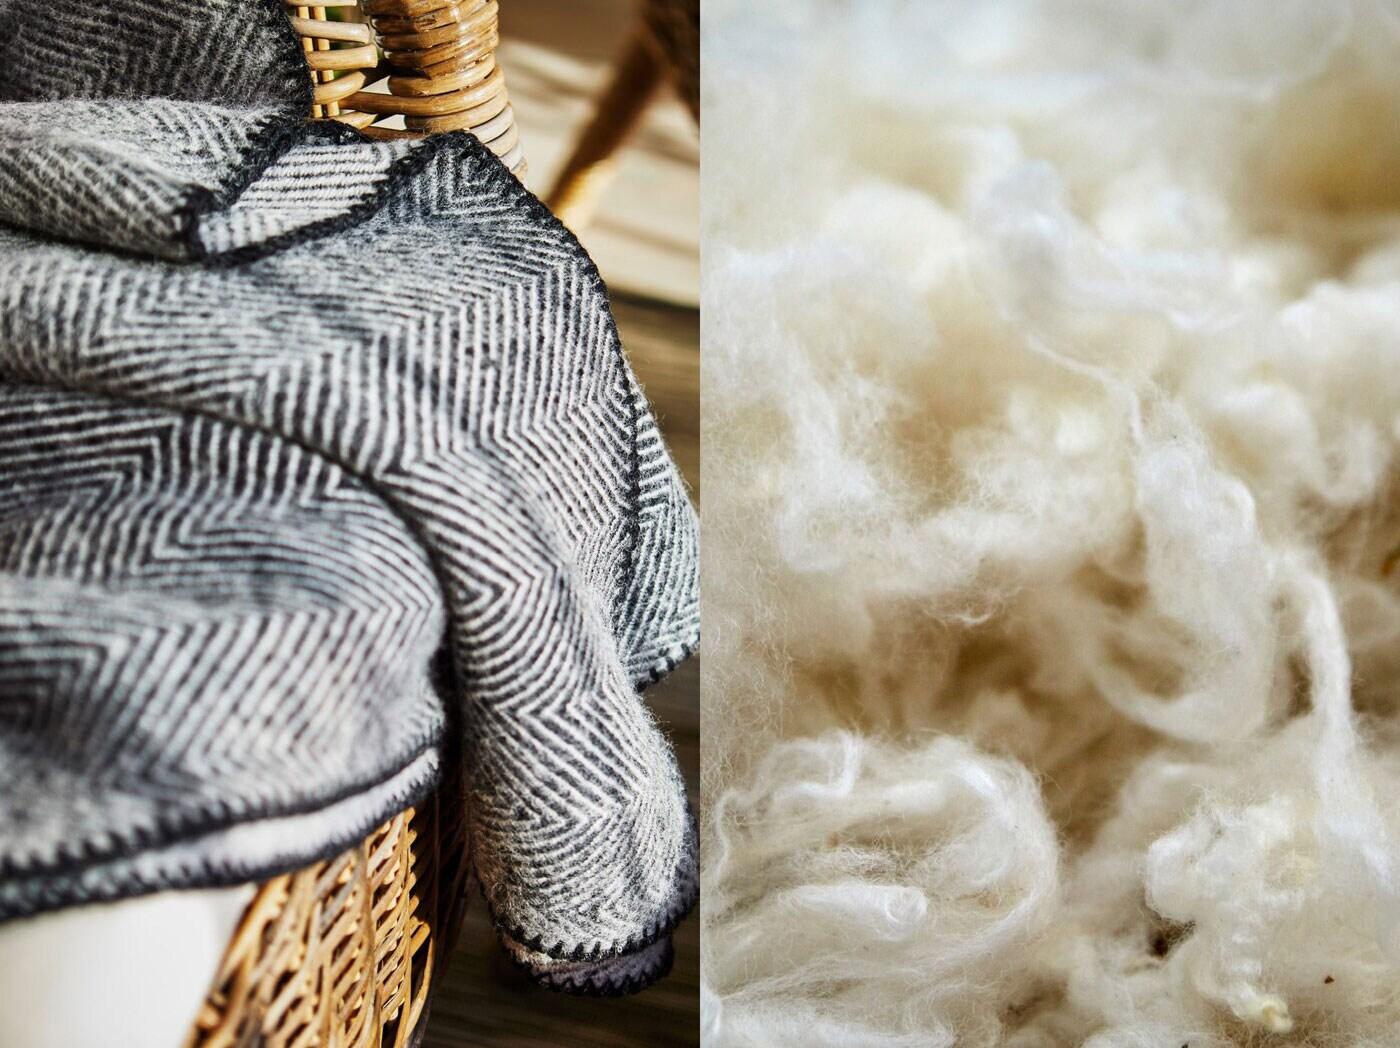 Vlněná deka přehozená přes proutěné křeslo a detail surové vlny.